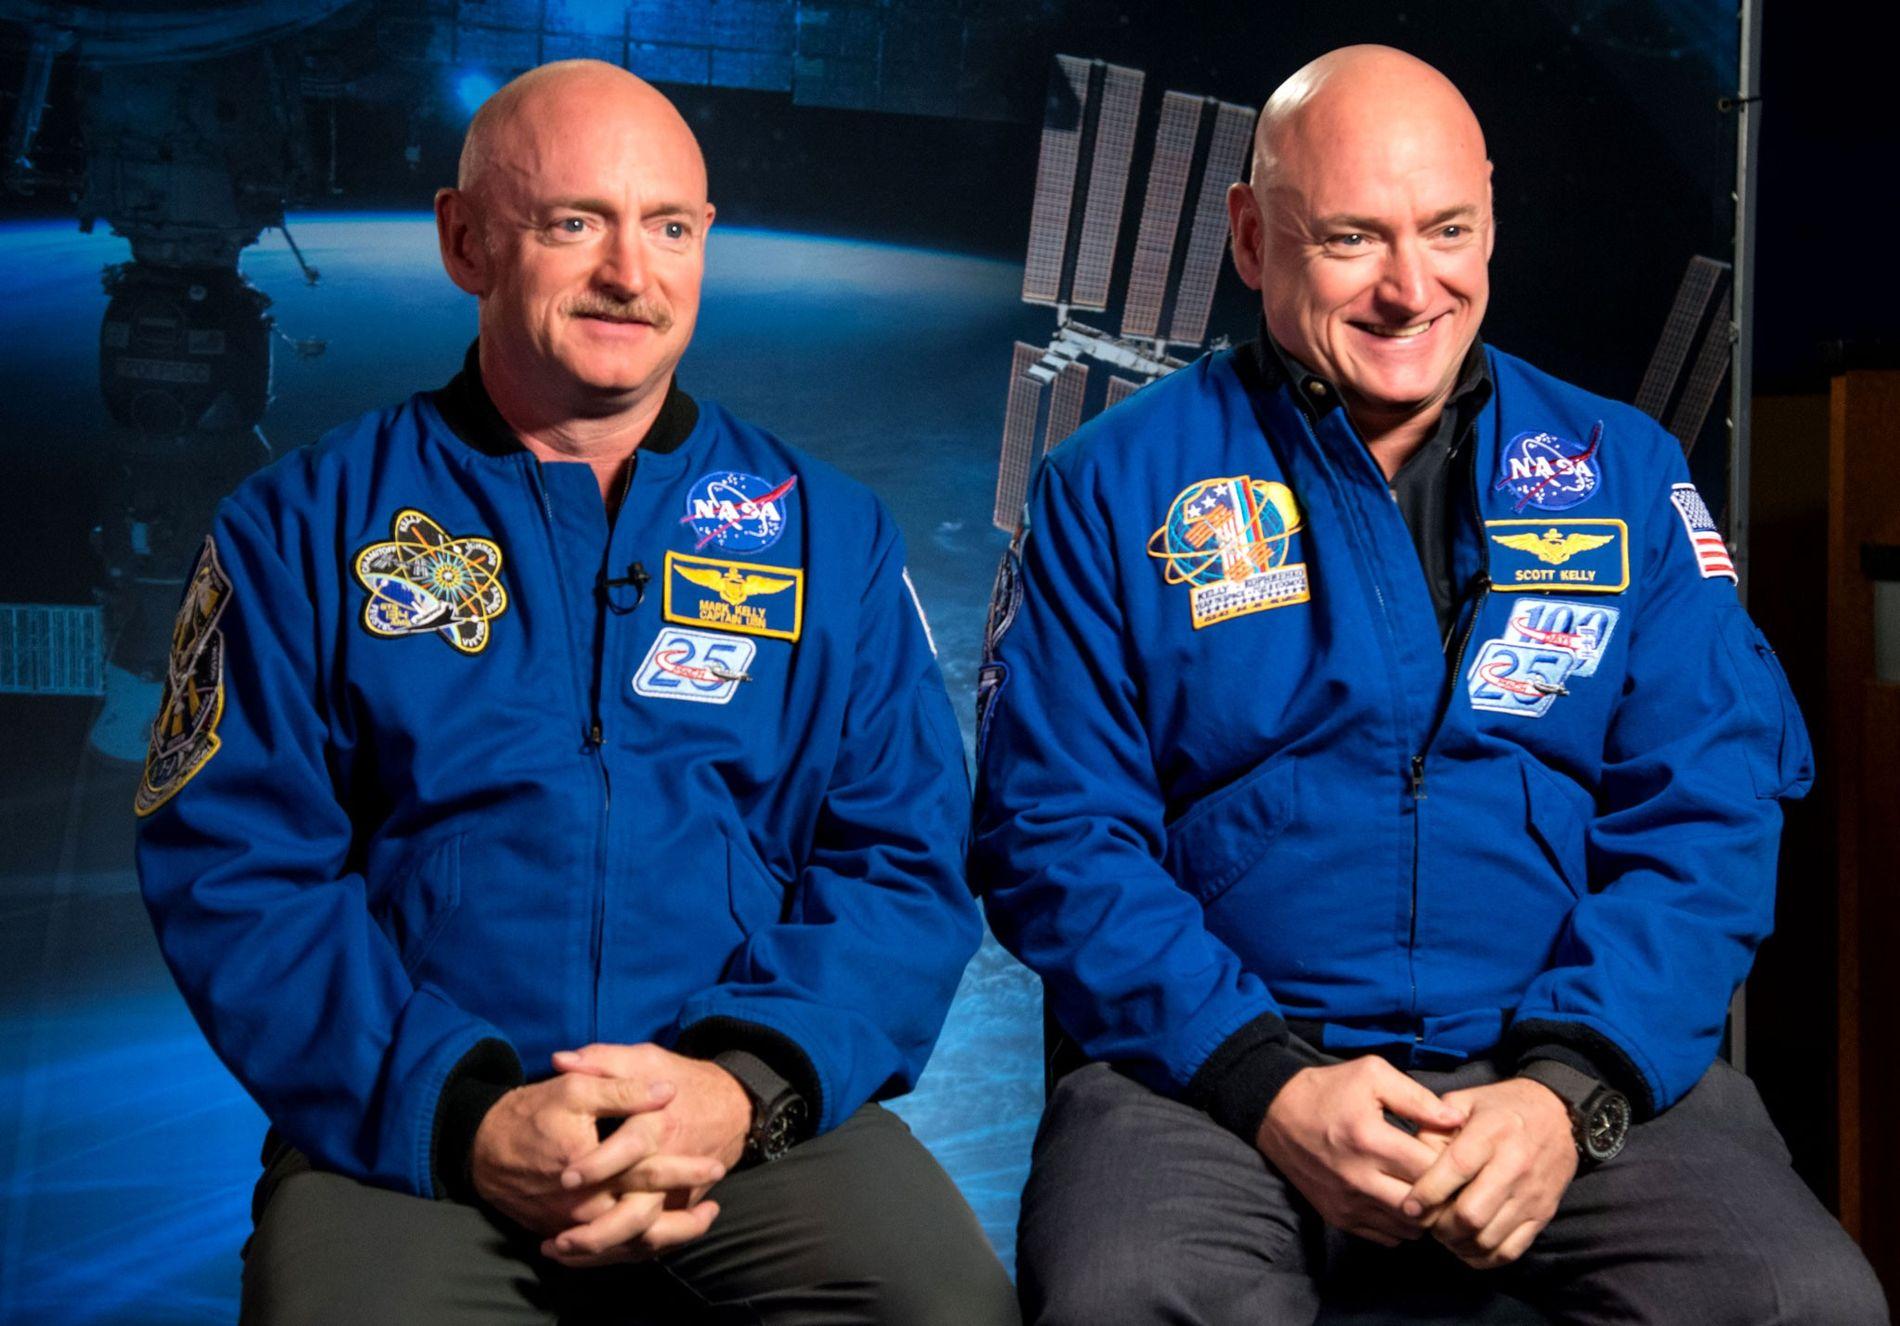 Scott y Mark Kelly